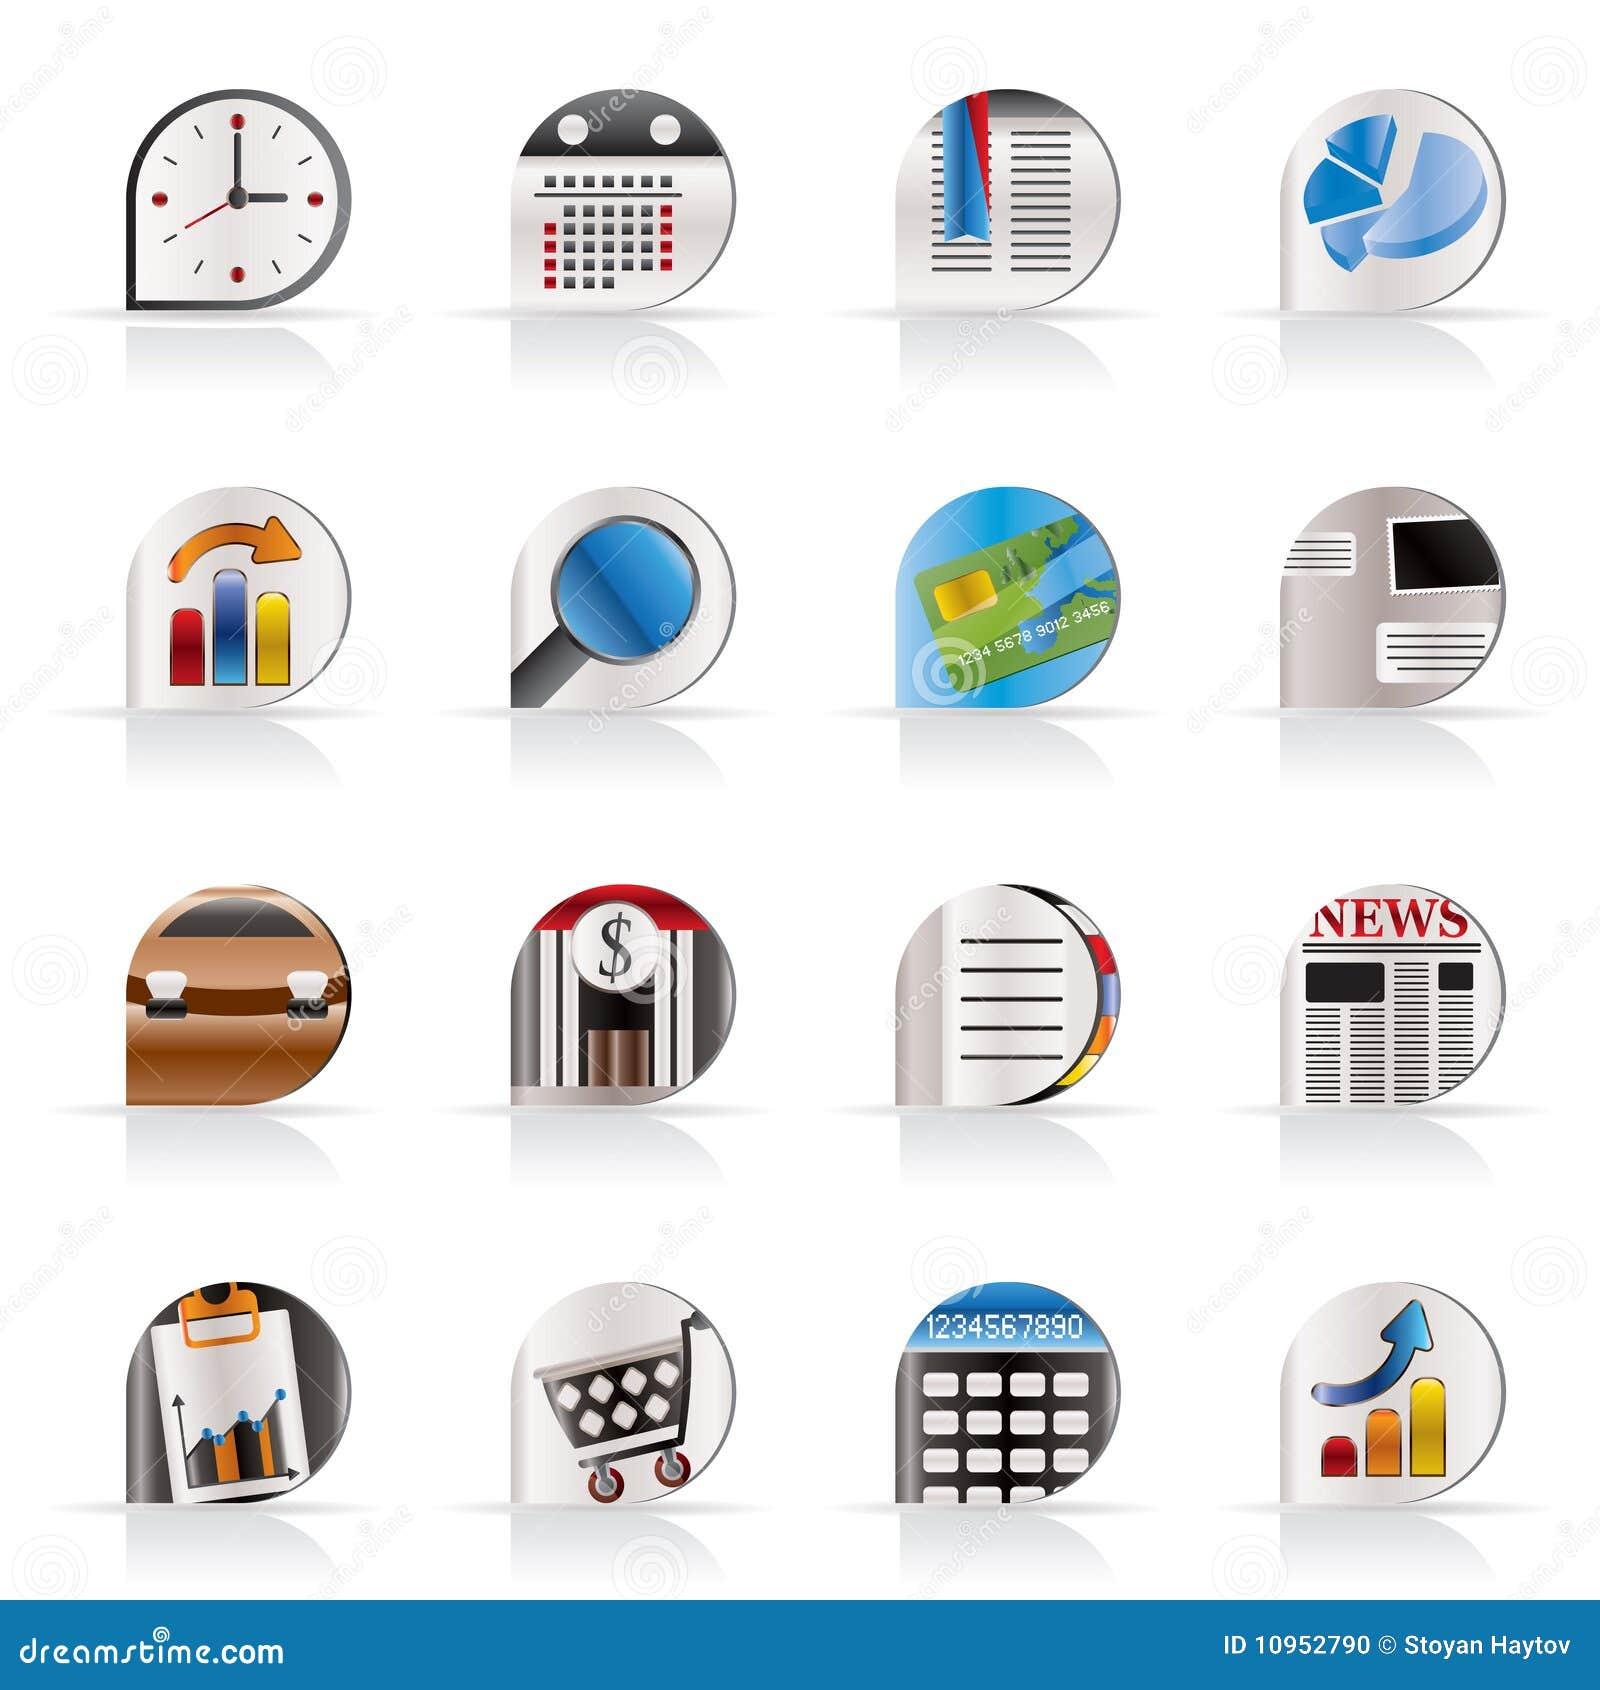 Asunto e iconos realistas del internet de la oficina ilustraci n del vector ilustraci n de - Verti es oficina internet ...